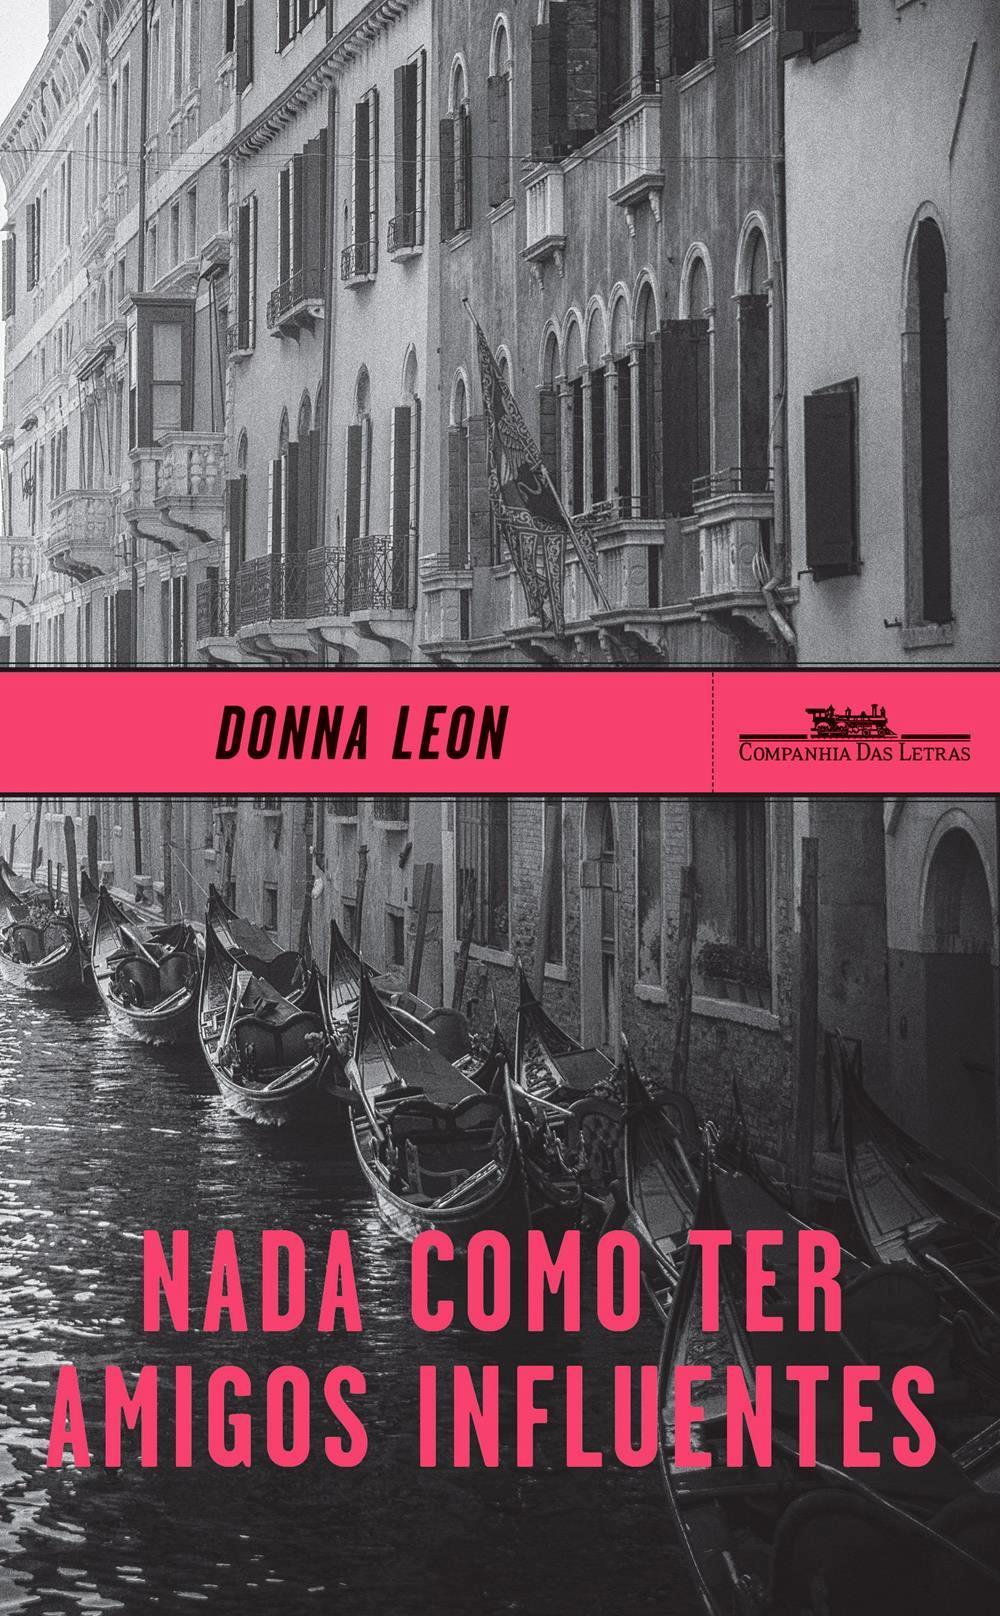 Capa do ótimo livro de Donna Leon, que vice e trabalha em Veneza